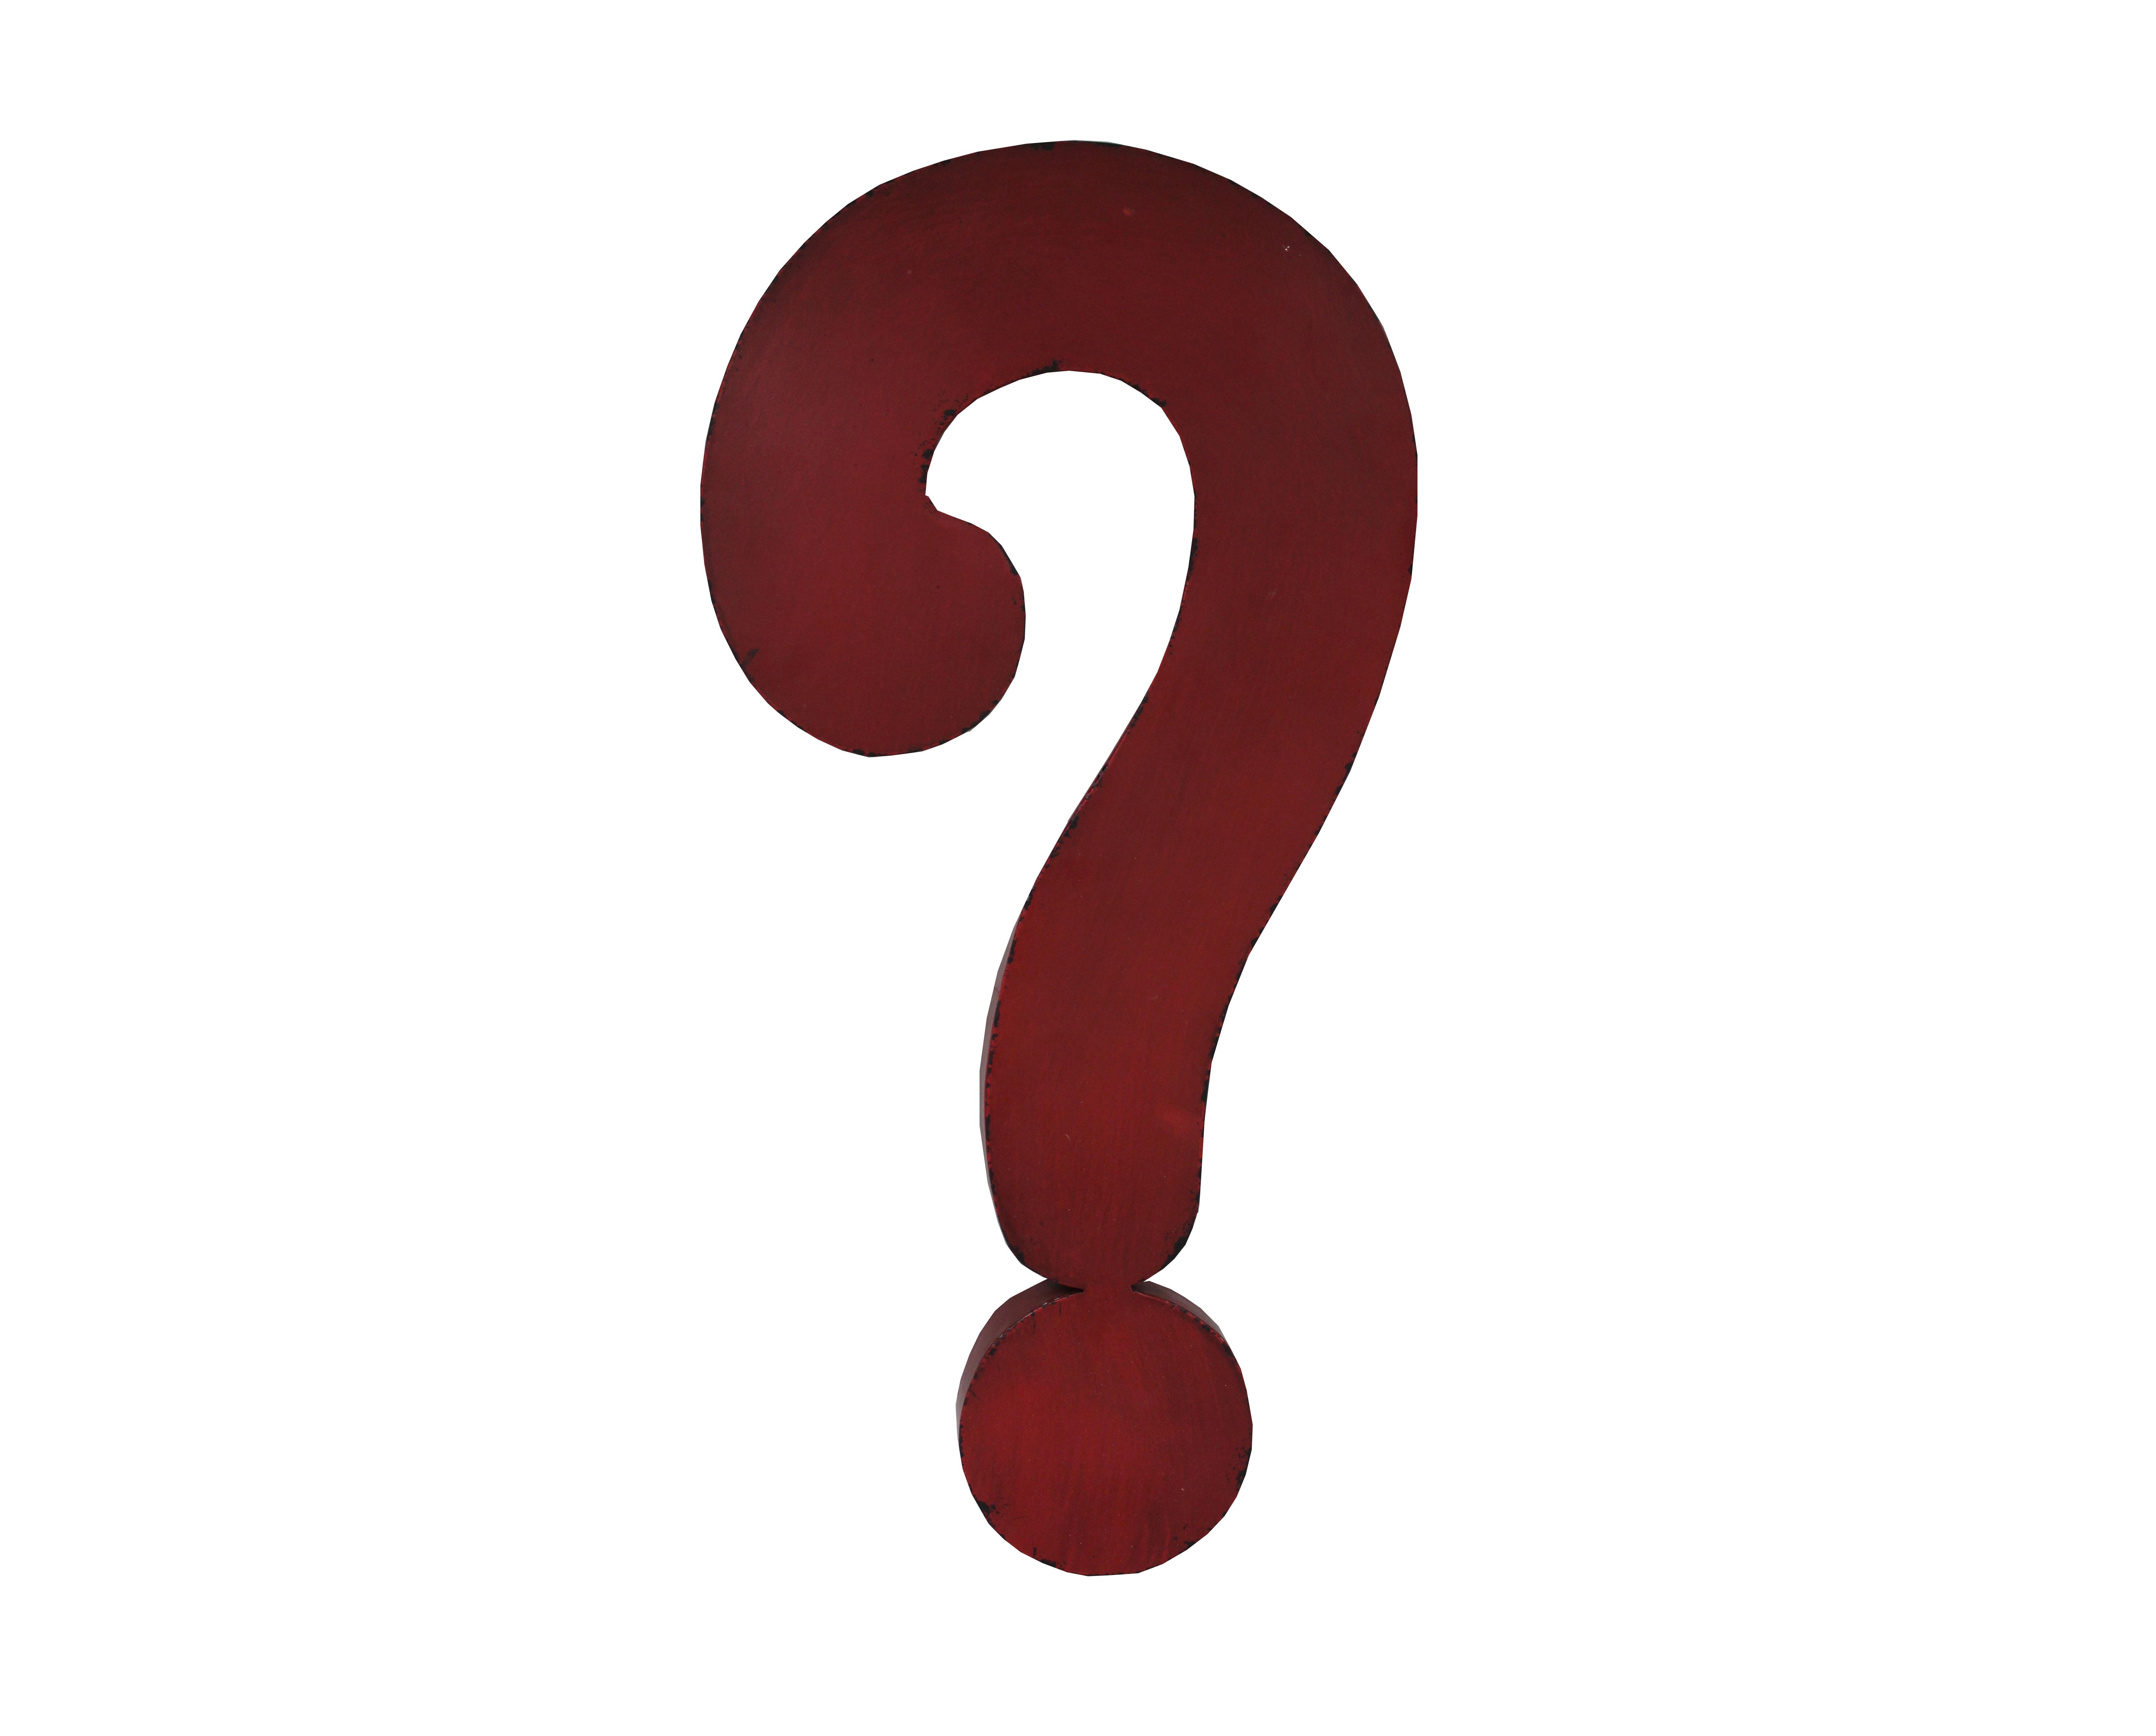 Вопросительный знакДругое<br><br><br>Material: Железо<br>Length см: None<br>Width см: 34.1<br>Depth см: 3.3<br>Height см: 68.2